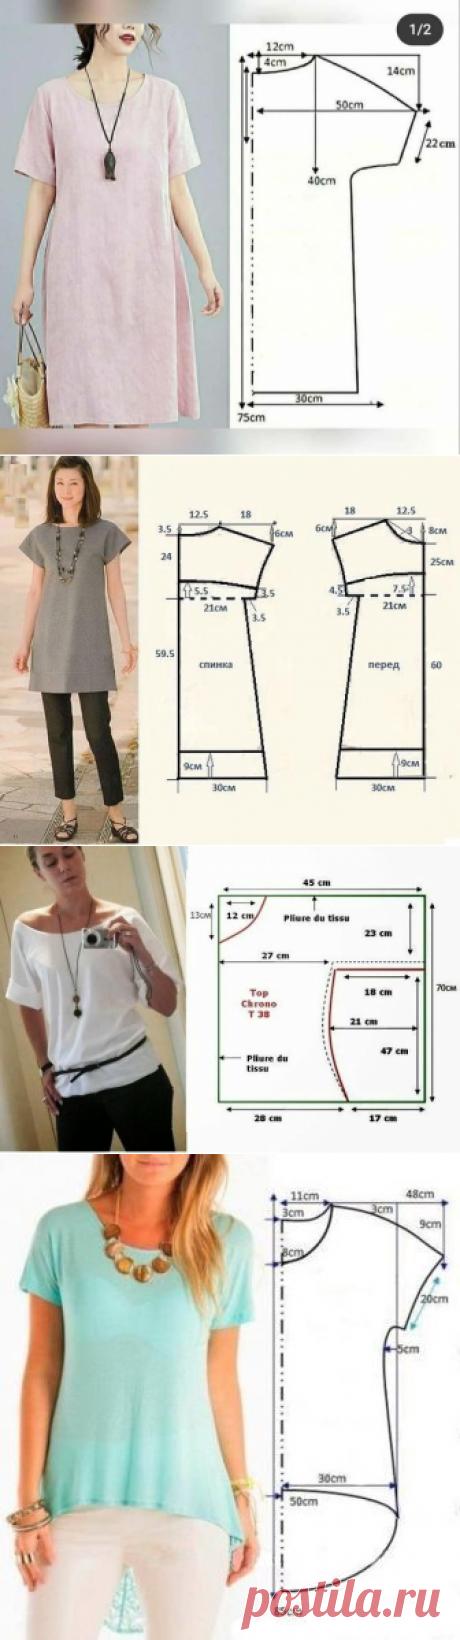 8 простых выкроек моделей женской одежды, которые смогут сшить даже начинающие портнихи!   Юлия Жданова   Яндекс Дзен